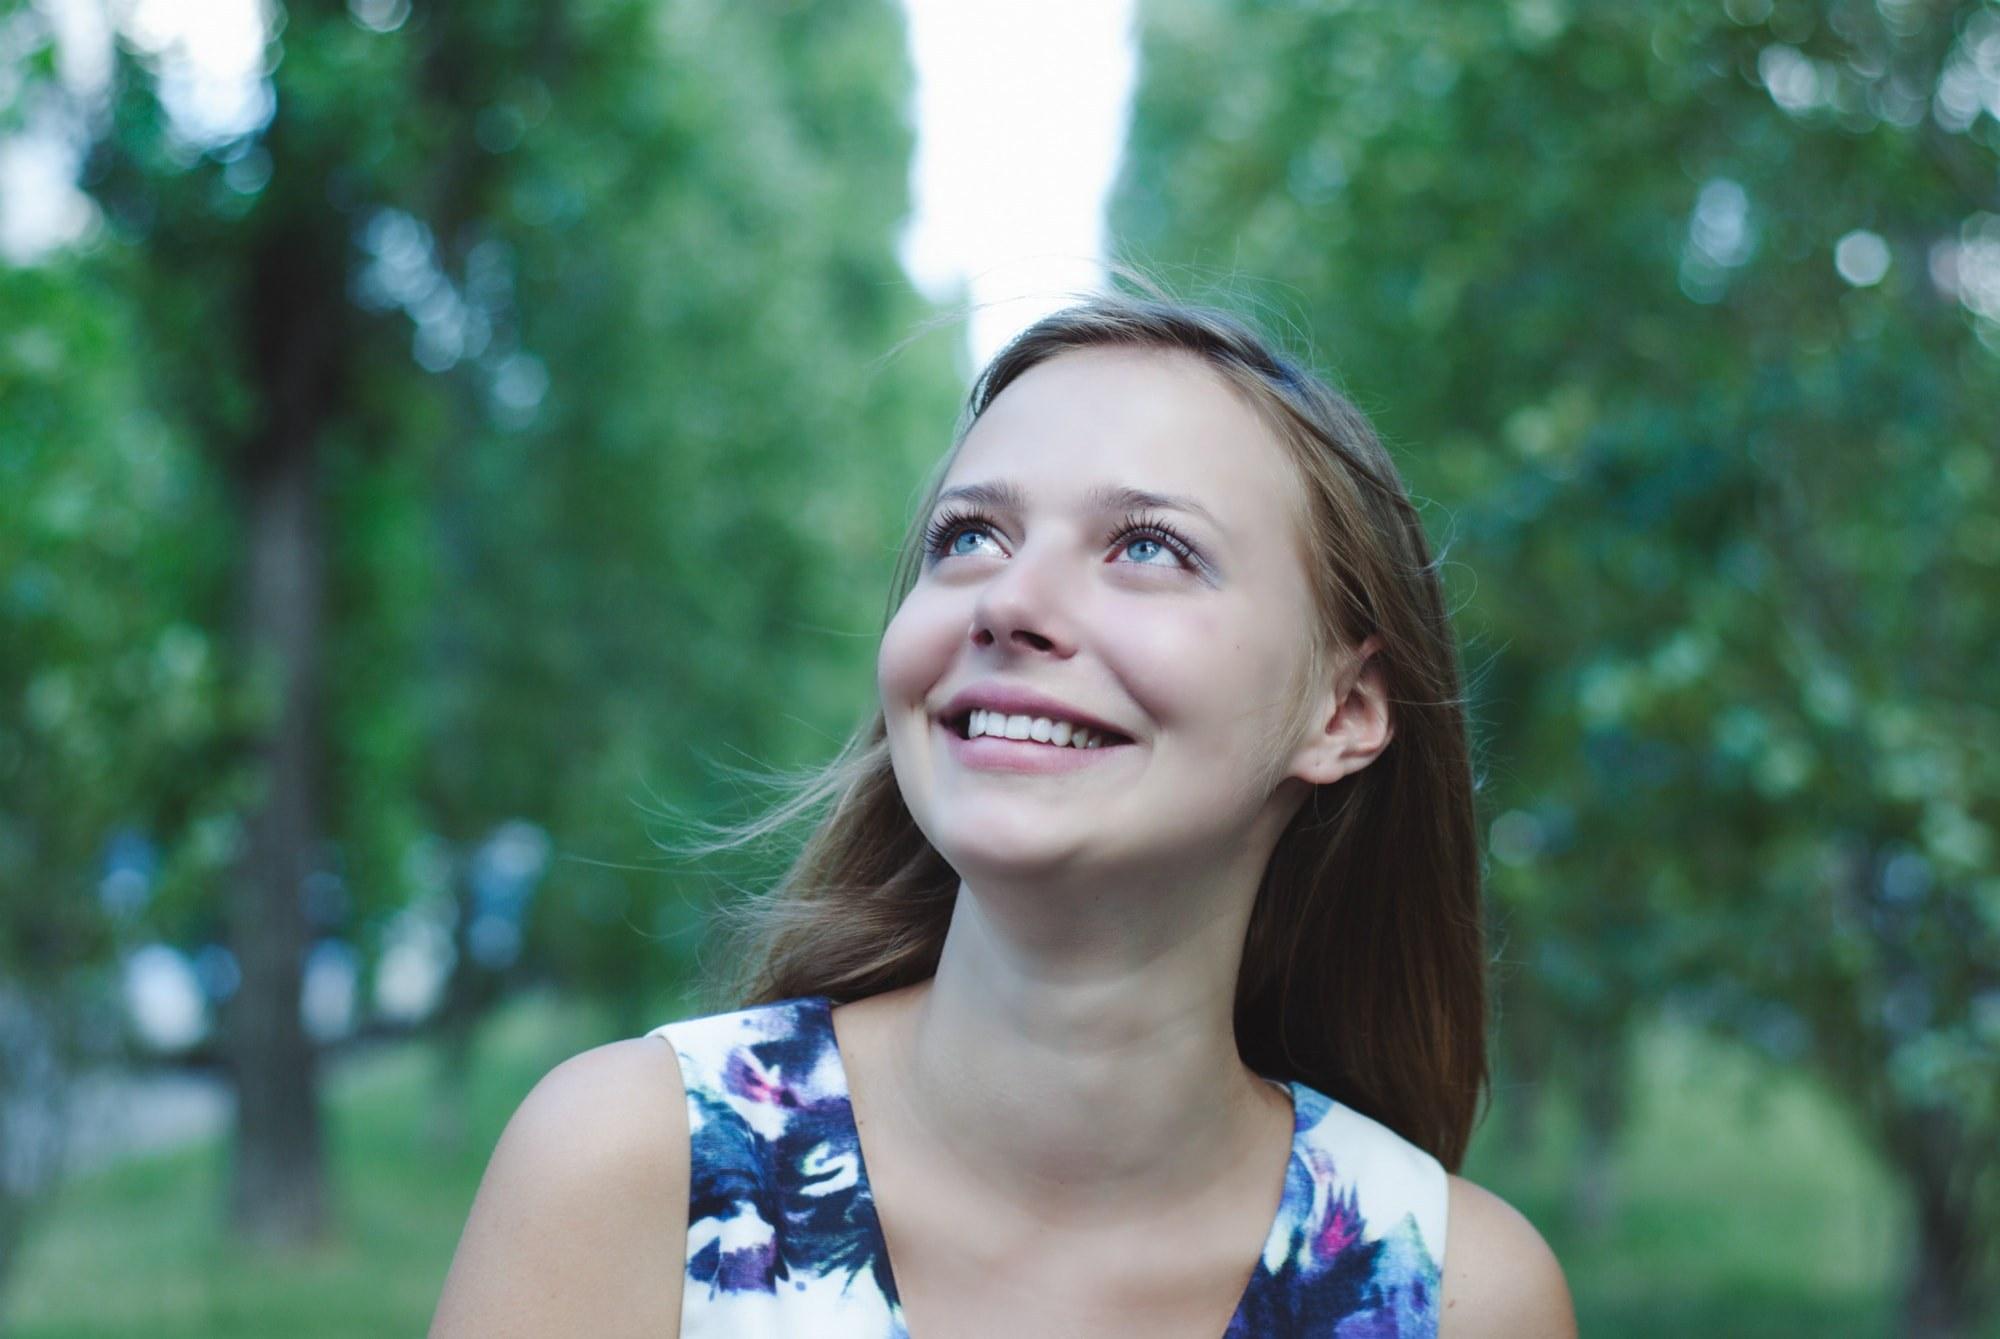 Фотосессия девочки весной - Фотограф Киев - Женя Лайт